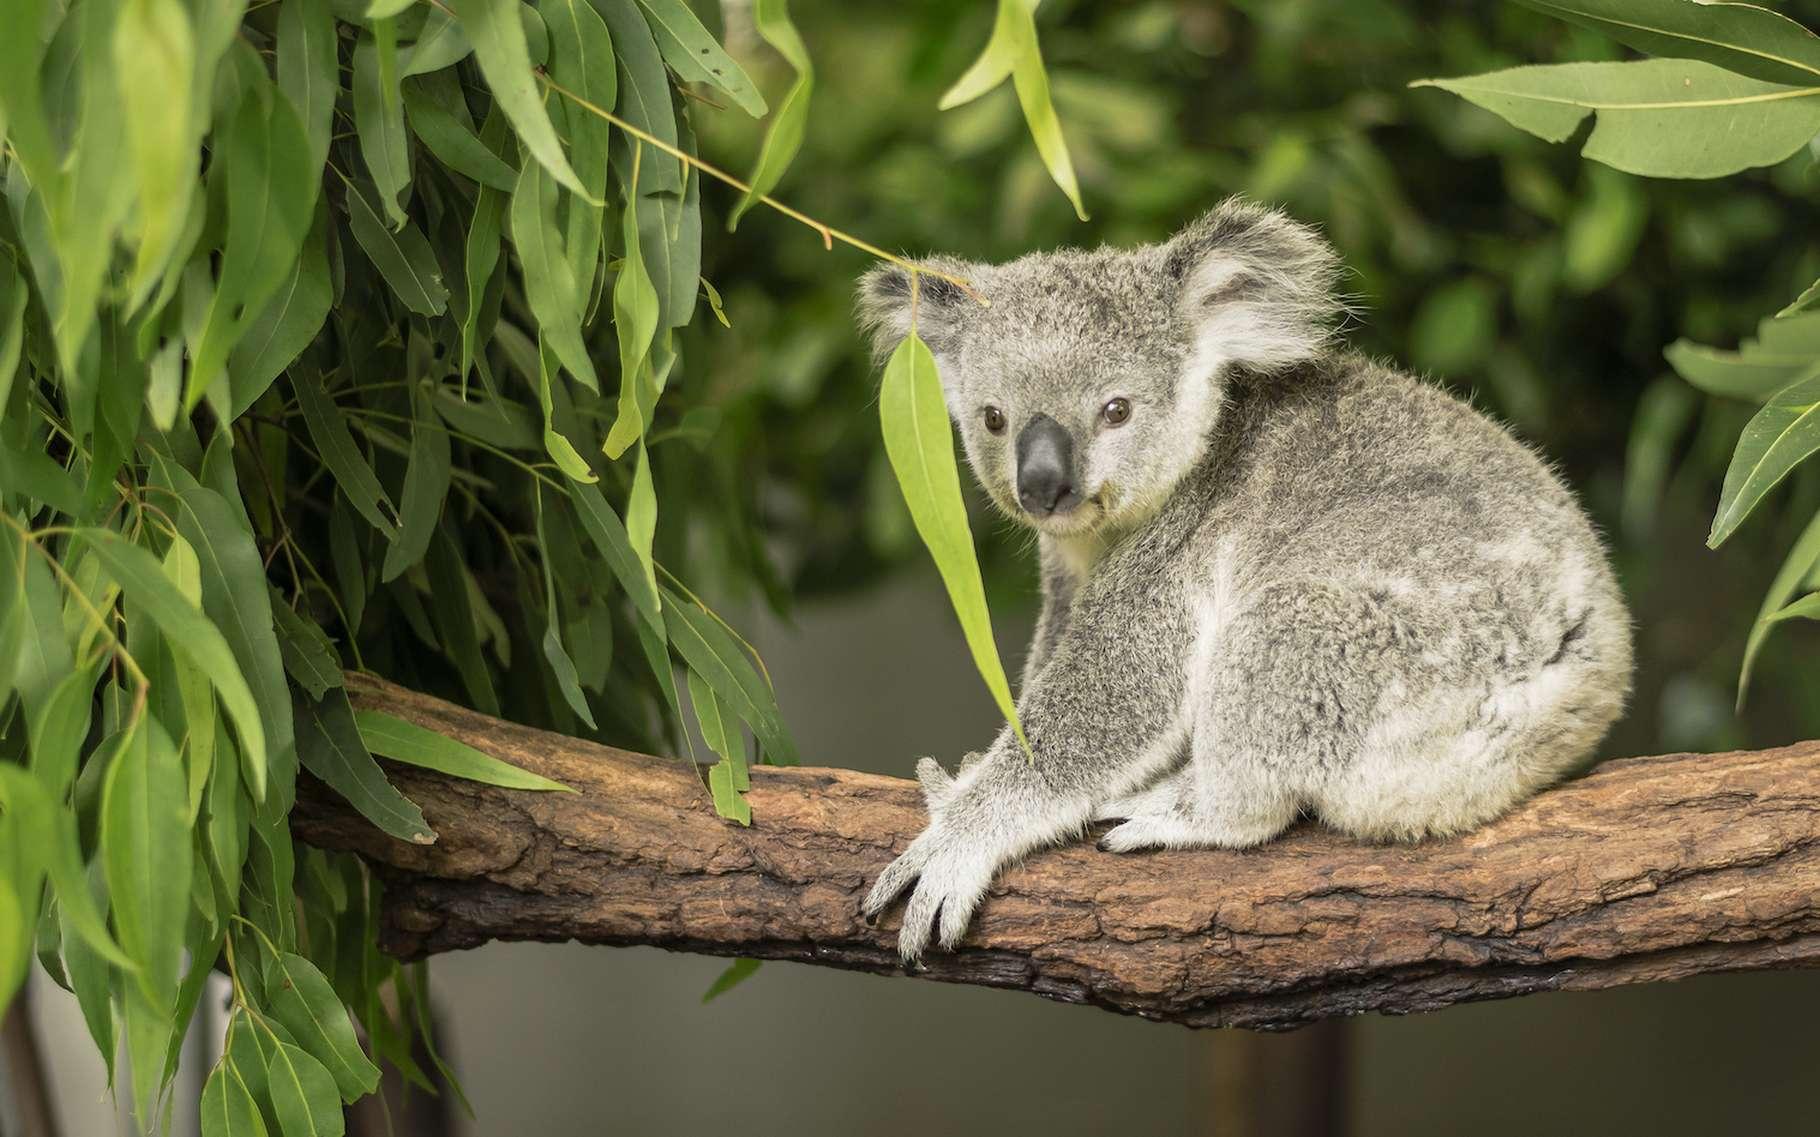 Des dizaines de koalas sont morts suite à la destruction d'une plantation d'eucalyptus dans le sud de l'Australie. Un drame dénoncé par des riverains. © robdowner, Adobe Stock